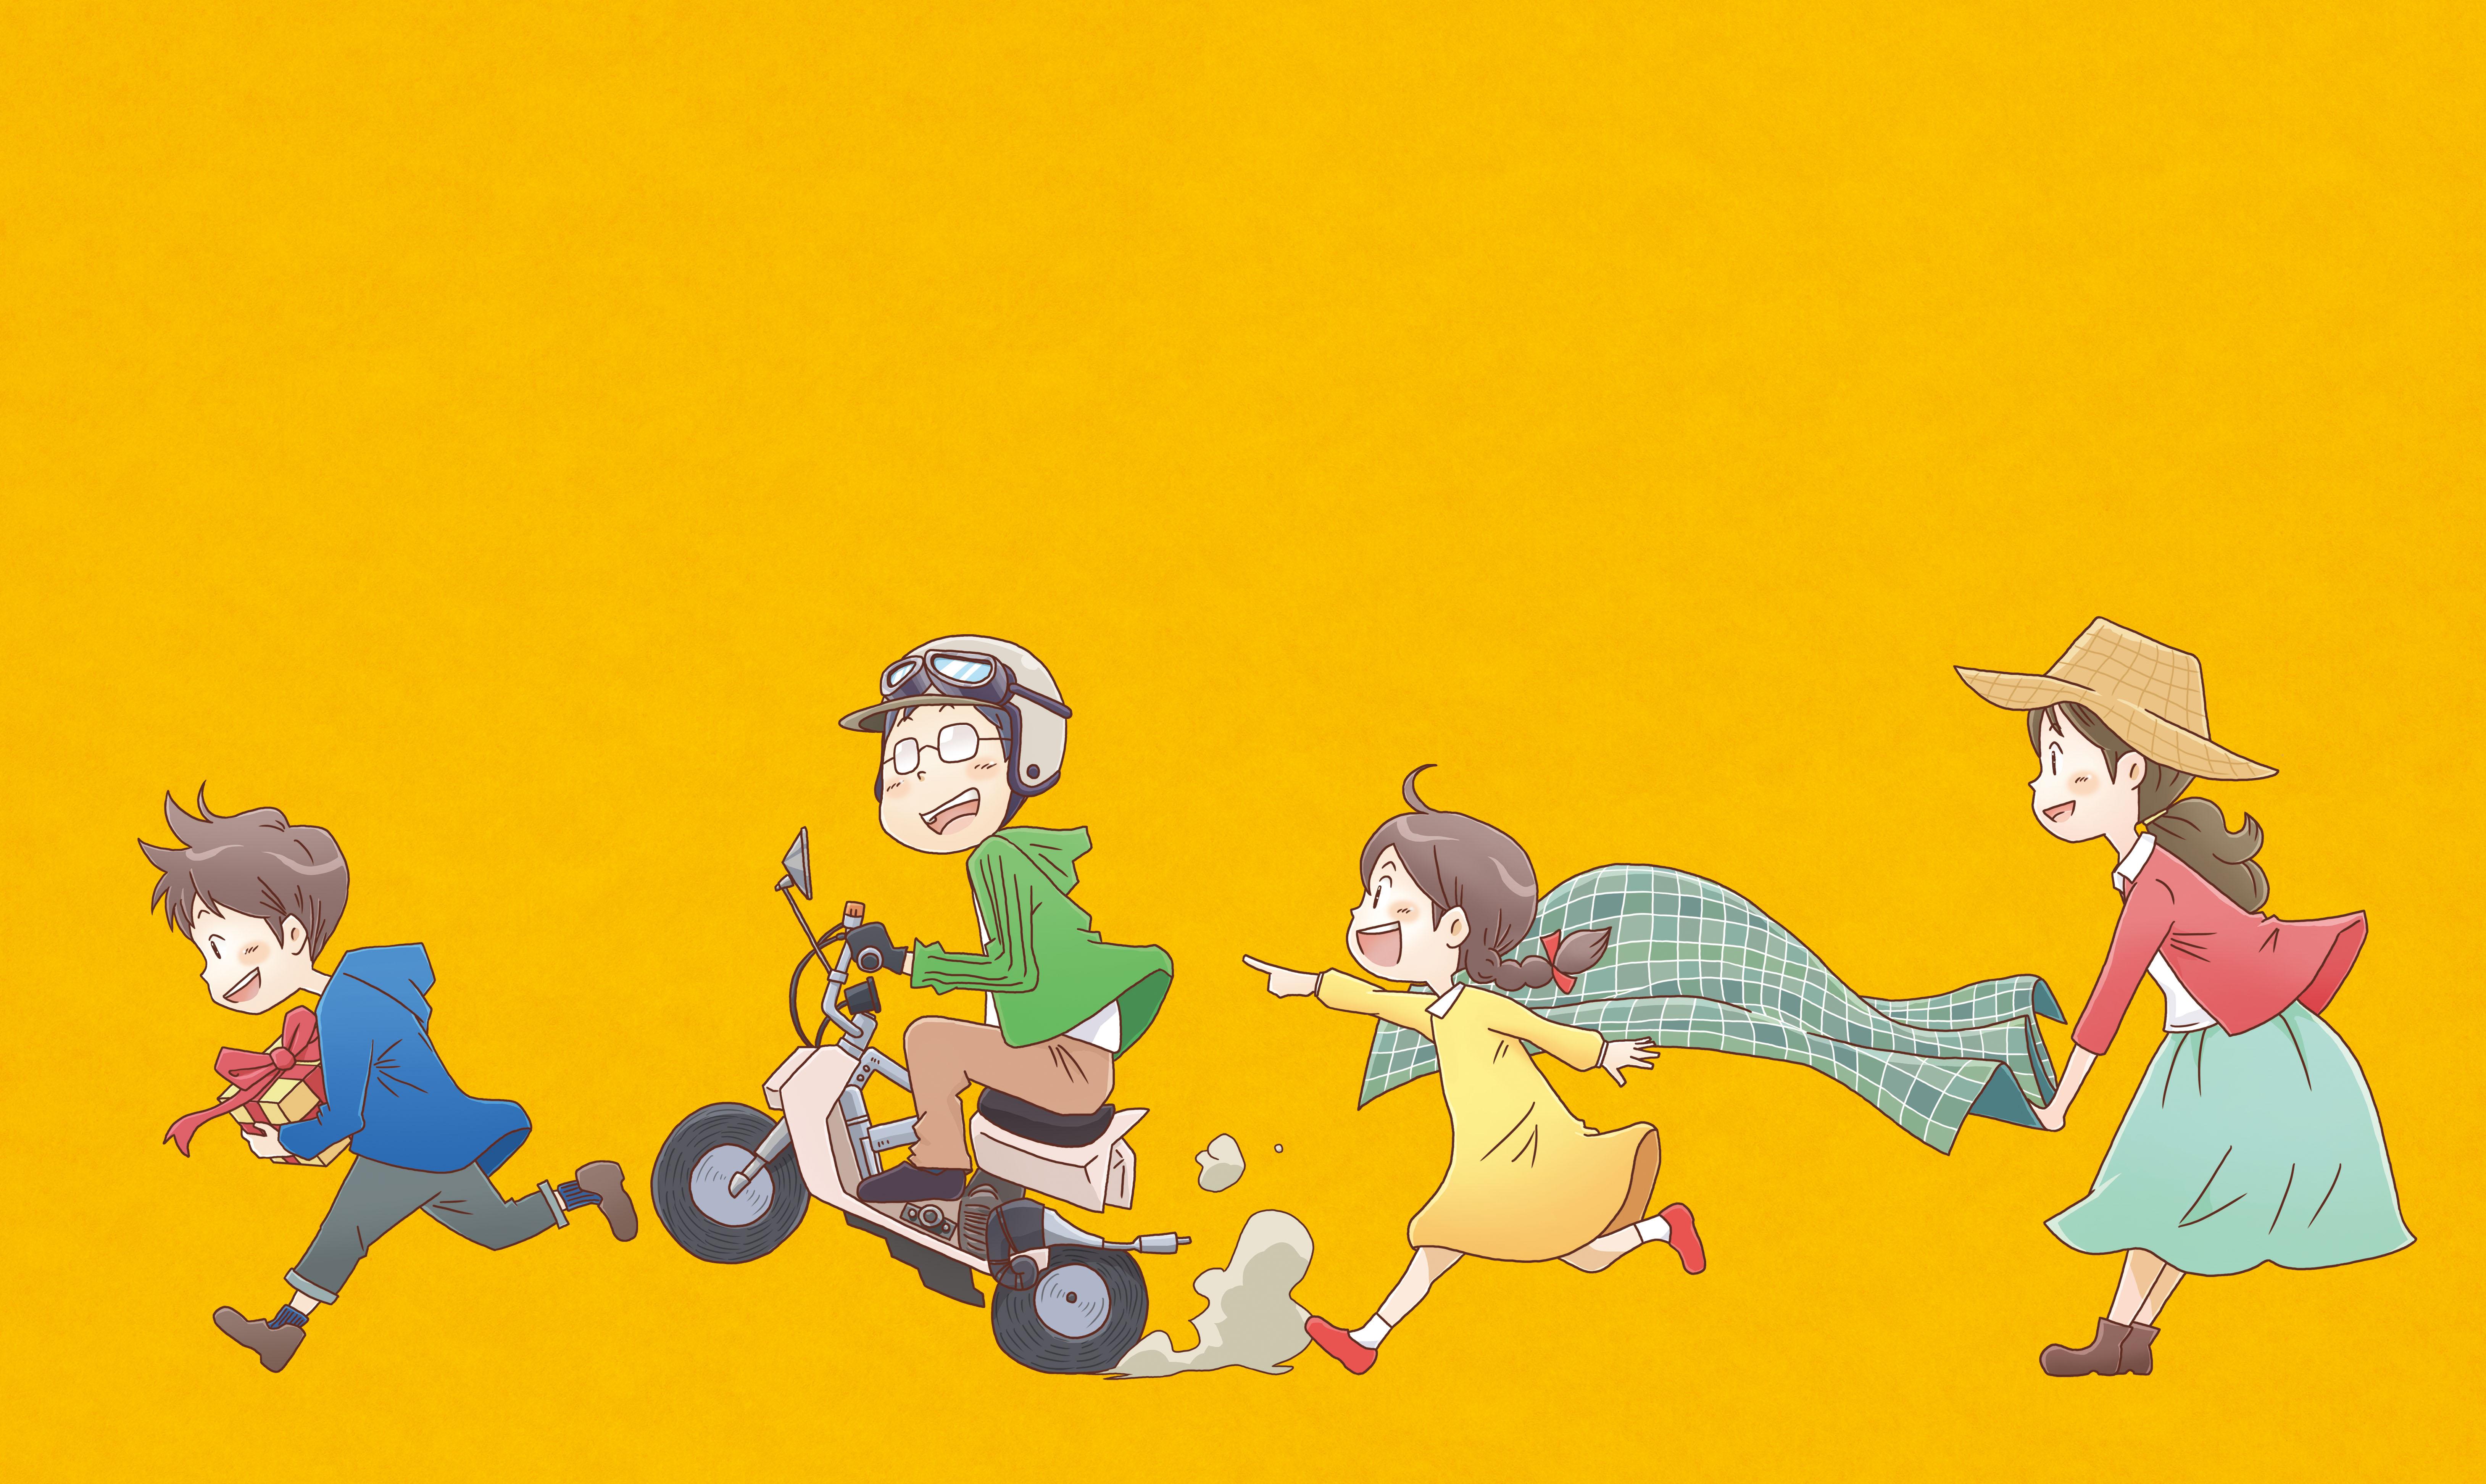 アピタイメージキャラクター「いちピタくん」イラスト